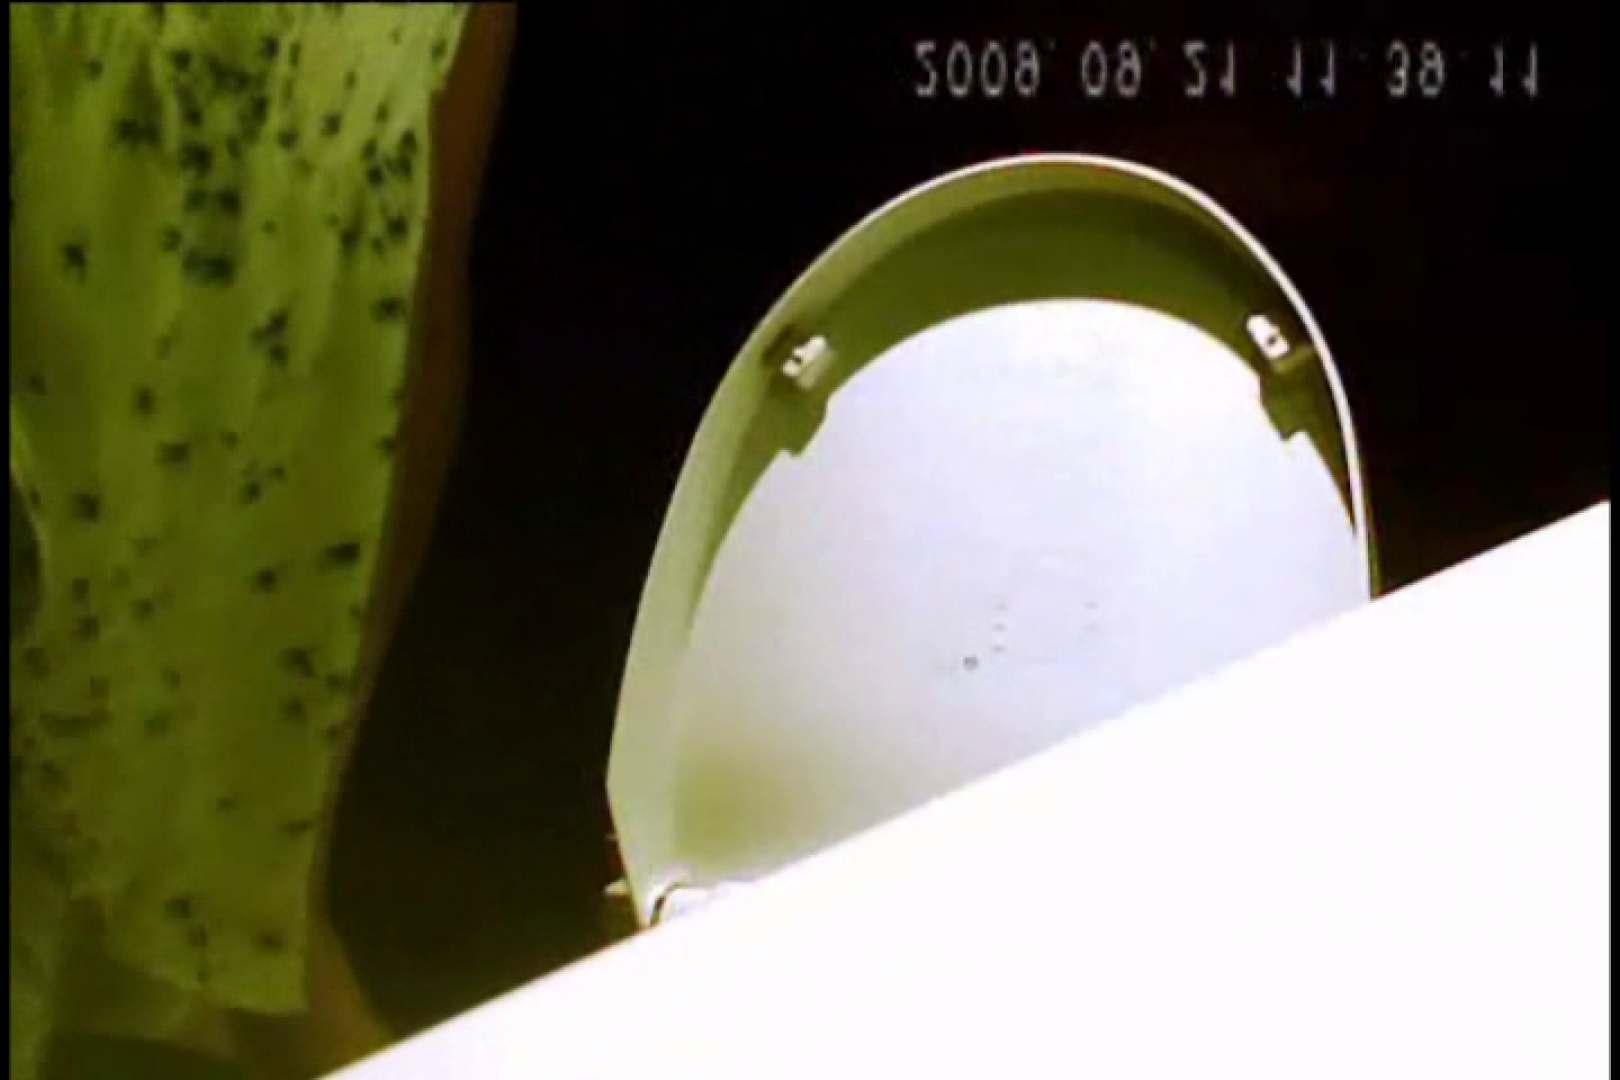 亀さんかわや VIPバージョン! vol.21 OLエロ画像 盗撮動画紹介 101PICs 74